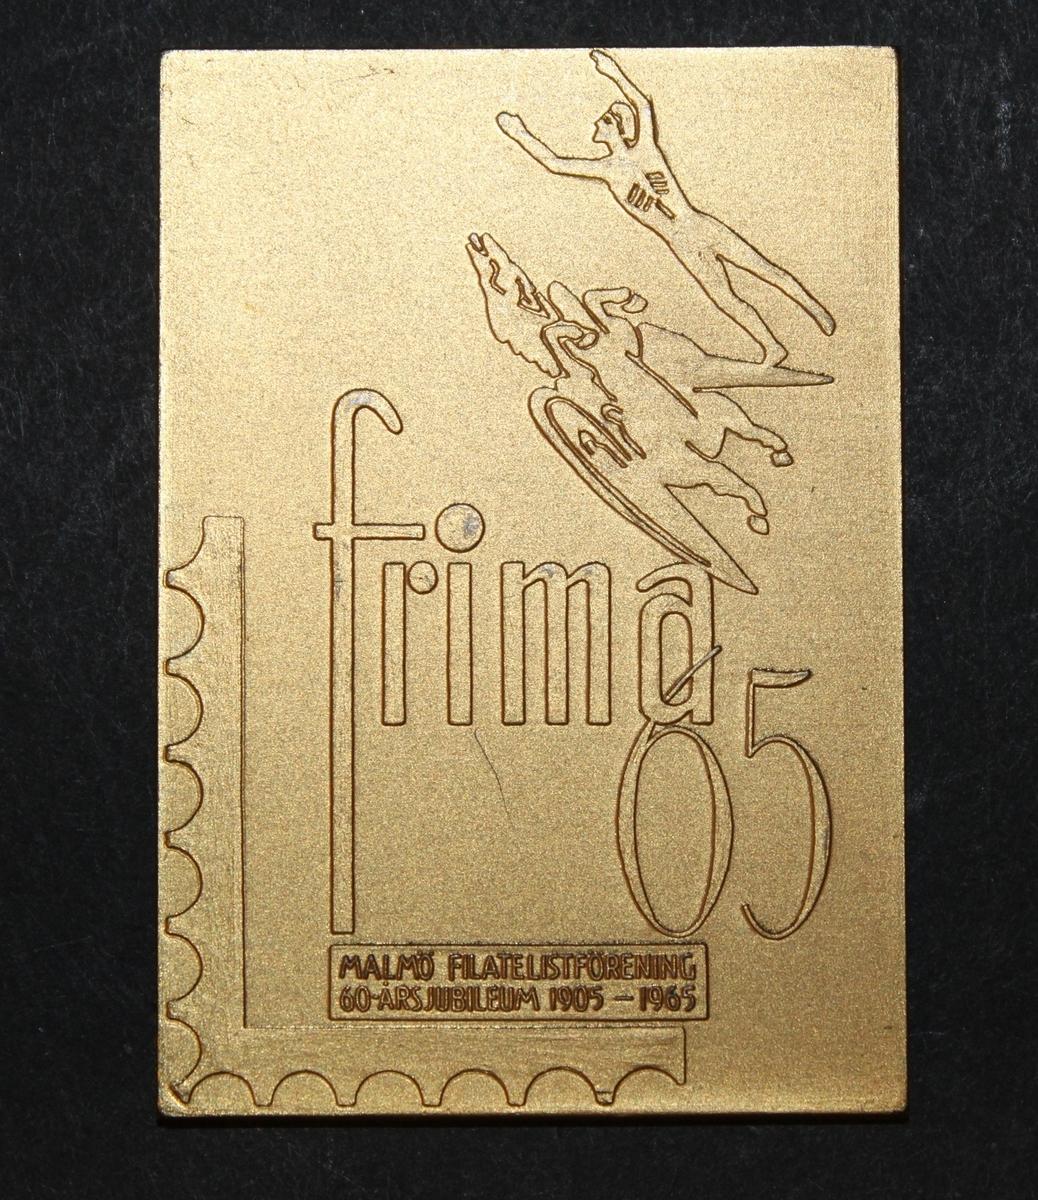 """Plakett i förgyllt silver, rektangulär, tilldelad AstridTufvesson för deltagande i frimärksutställningen Frima 65, anordnad 6- 14 februari 1965 av Malmö Filatelistförening i Malmö Rådhus. Påplakettens åtsidan avbildas en skulptur av Carl Milles, """"Pegasus"""",som står i Malmö slottspark samt text enligt MRK. I nedre vänstrahörnet en vinkel av ett tandad frimärke. Frånsidan med text enligtMRK."""